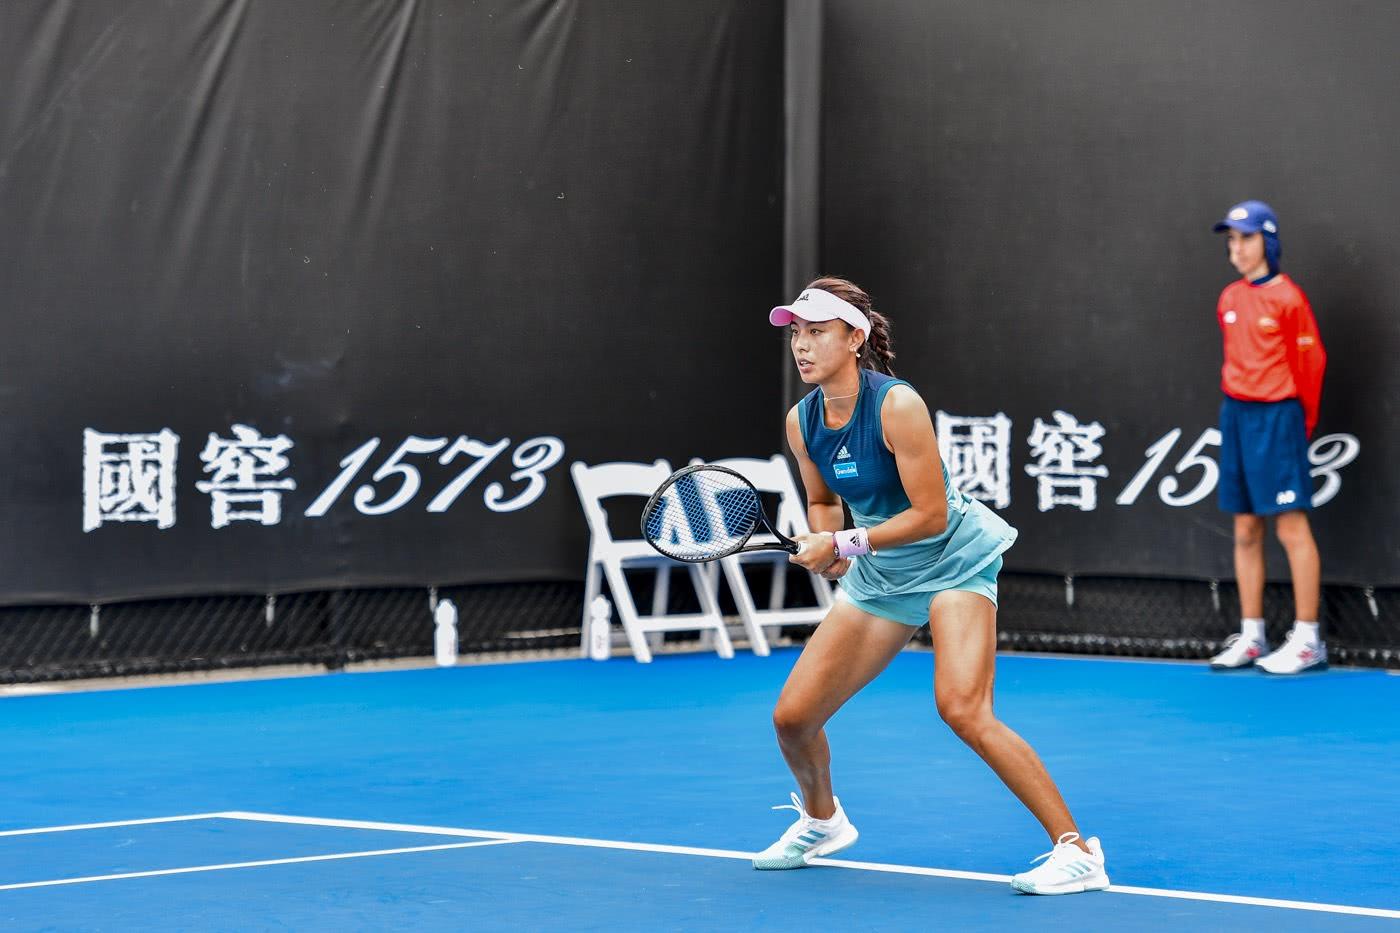 中国王蔷、张帅共同闯入澳网32强,齐齐刷新两人新战绩!